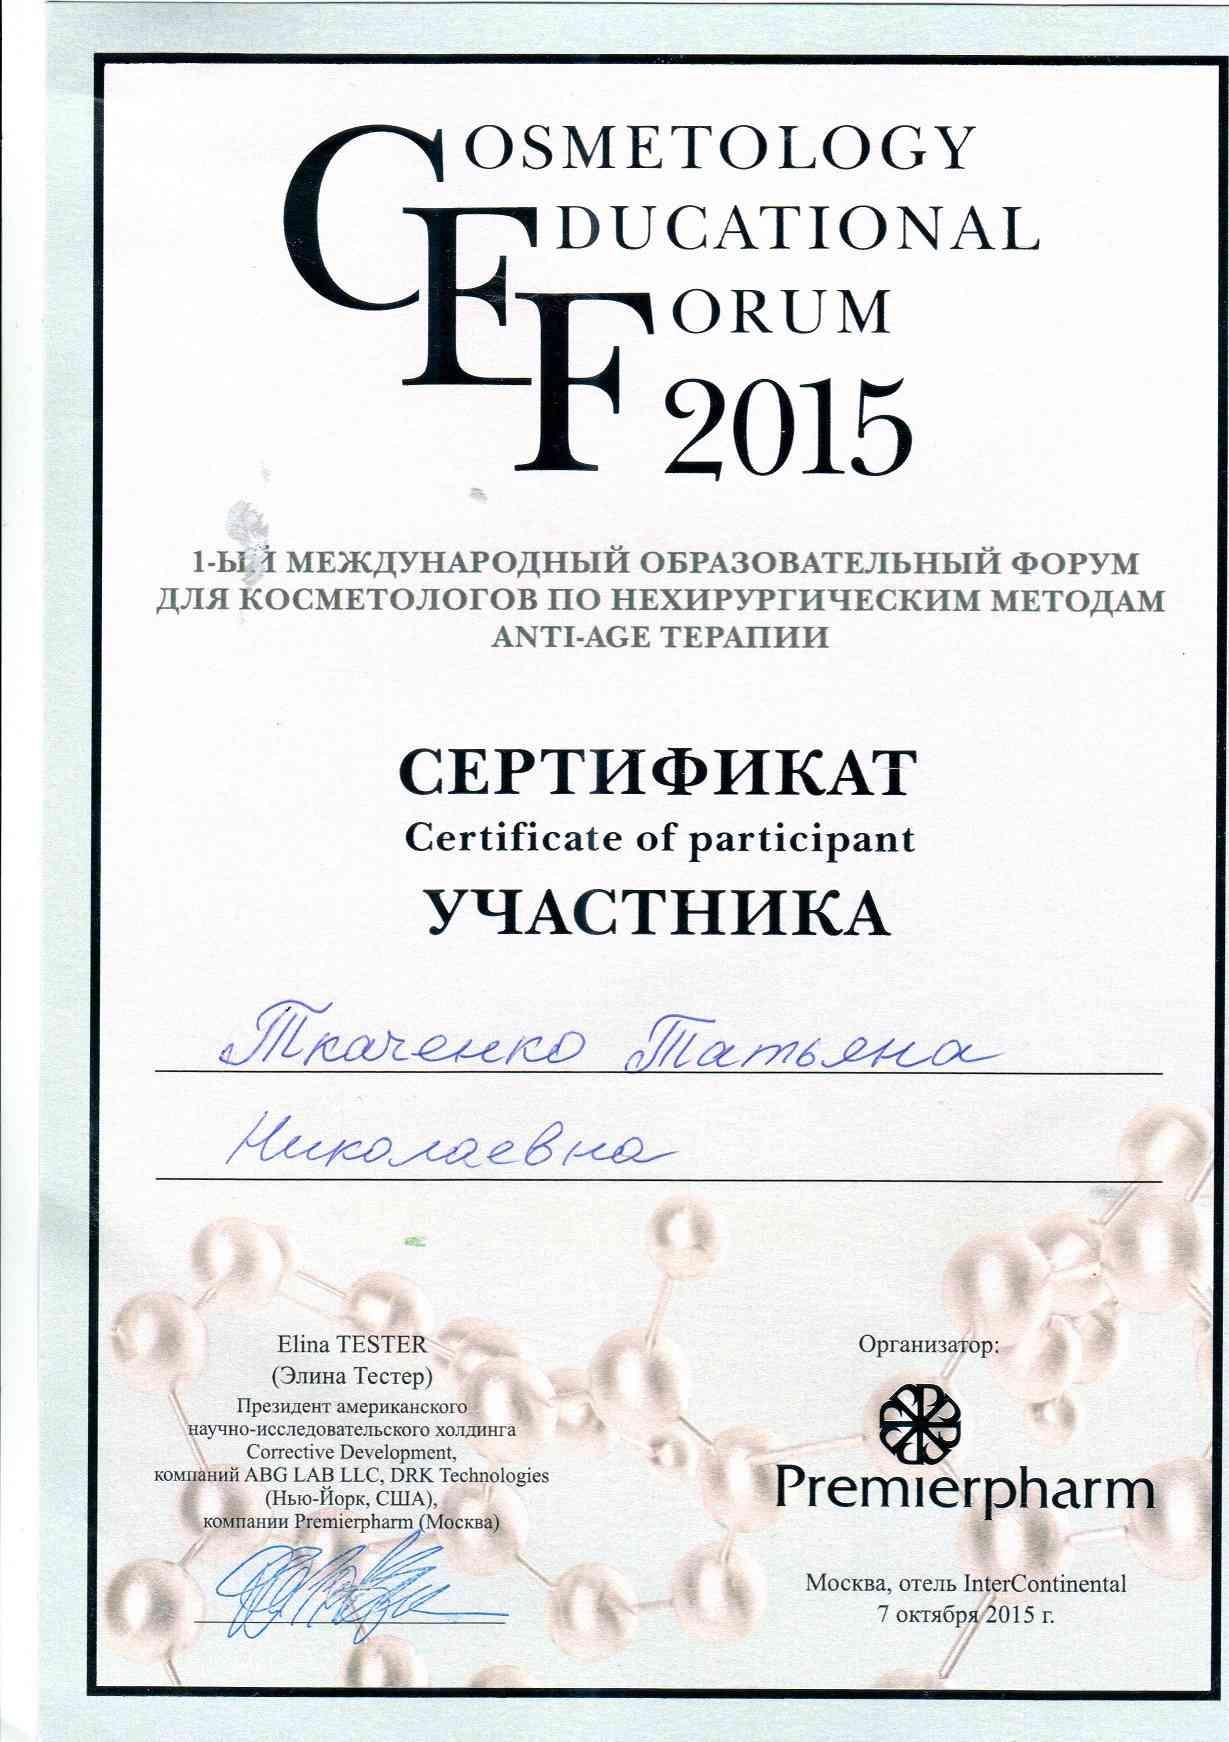 2015 Международный форум для косметологов по нехирургическим методам anti-age терапии